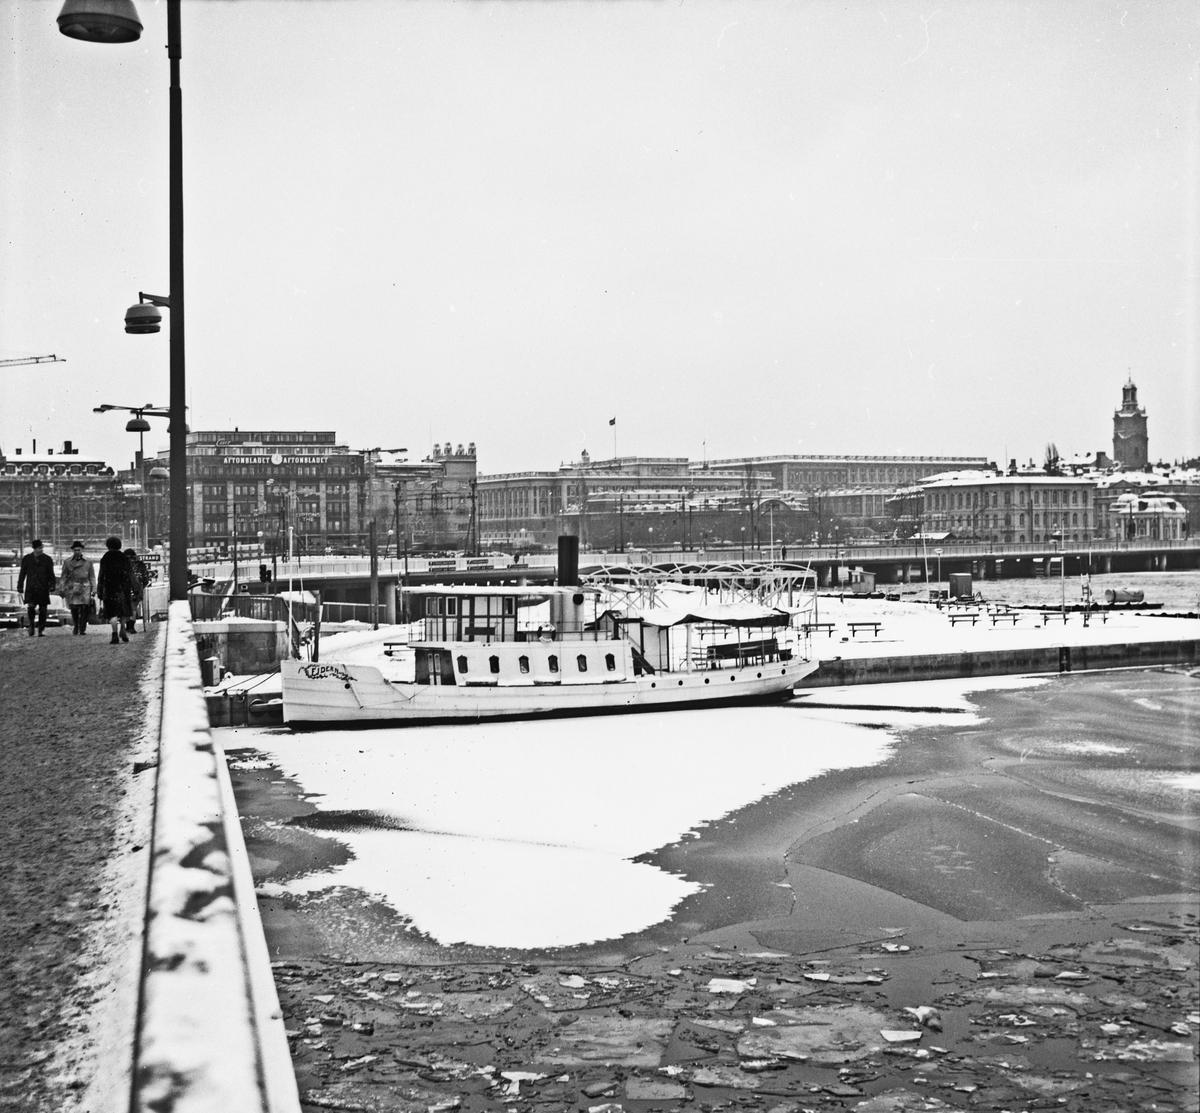 Fartyg: EJDERN                         Bredd över allt 4,49 meter Längd över allt 22,39 meter Reg. Nr.: 2136 Rederi: Museiföreningen Ångfartyget Ejdern Byggår: 1880 Varv: Götaverken, Göteborgs MV